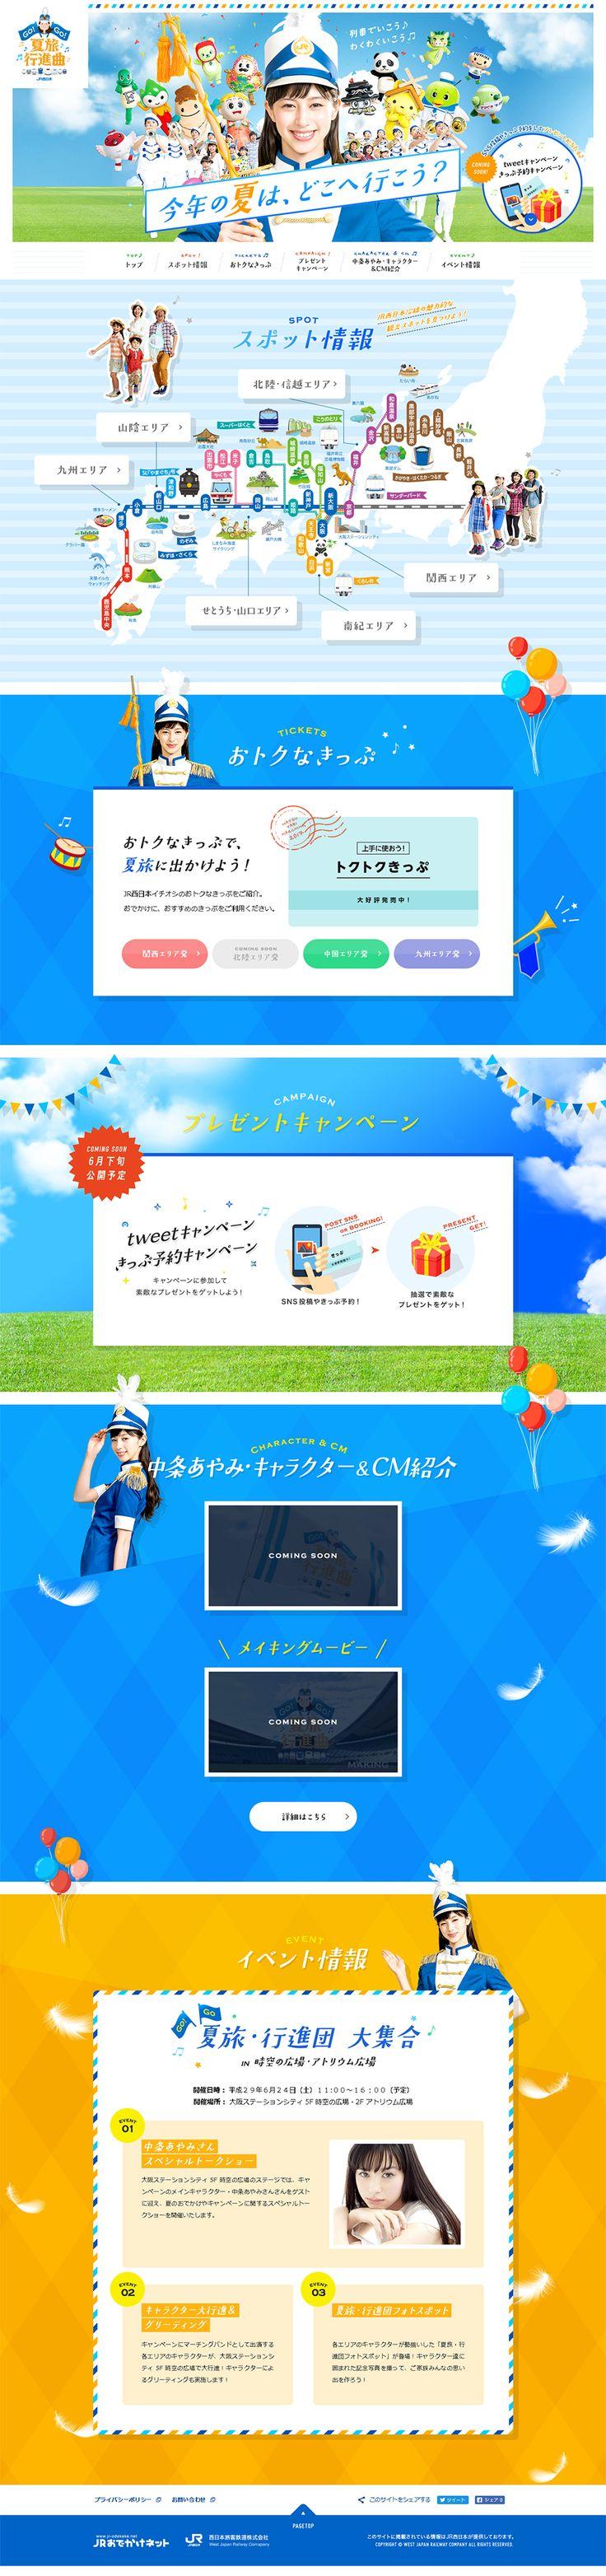 夏旅行進曲|WEBデザイナーさん必見!ランディングページのデザイン参考に(かわいい系)